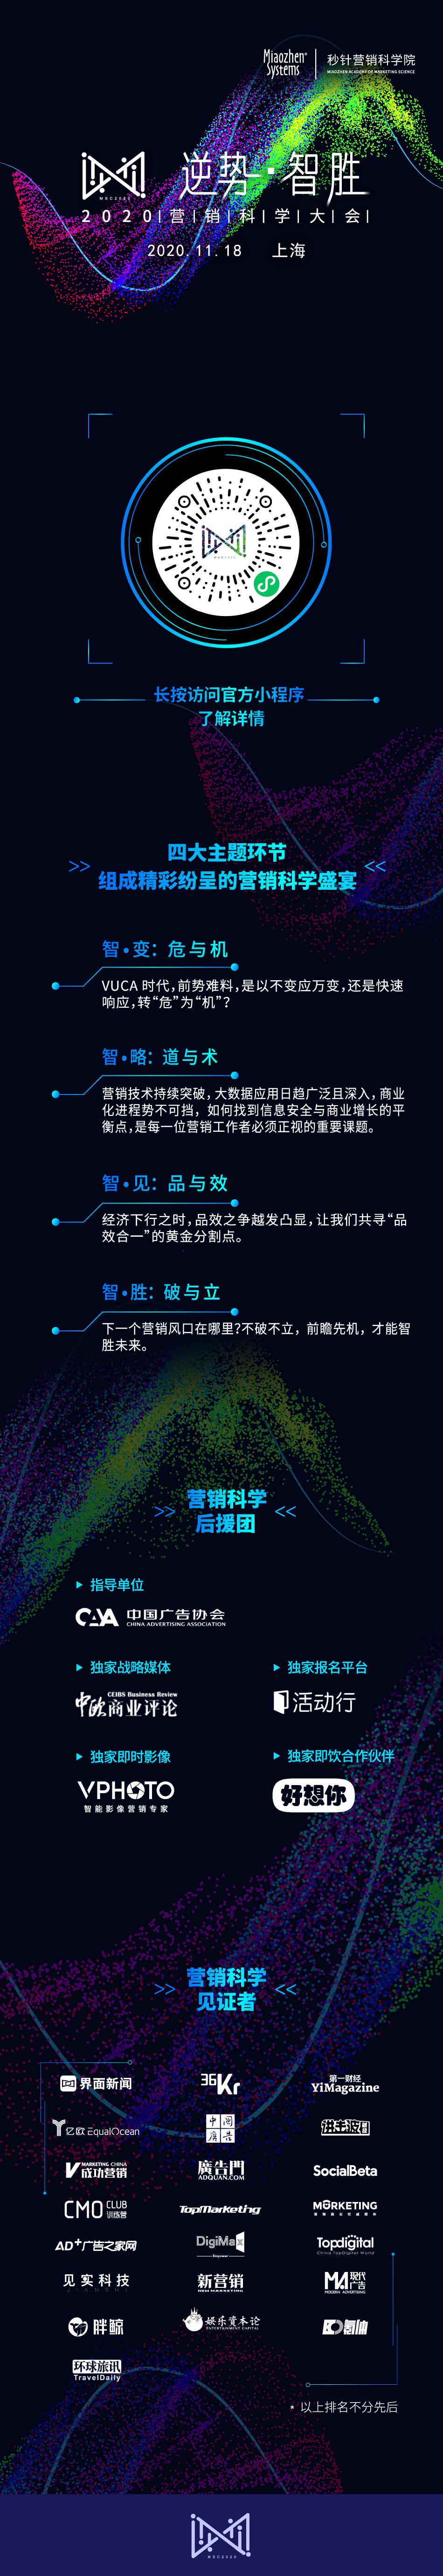 微信图片_20201020160313.png